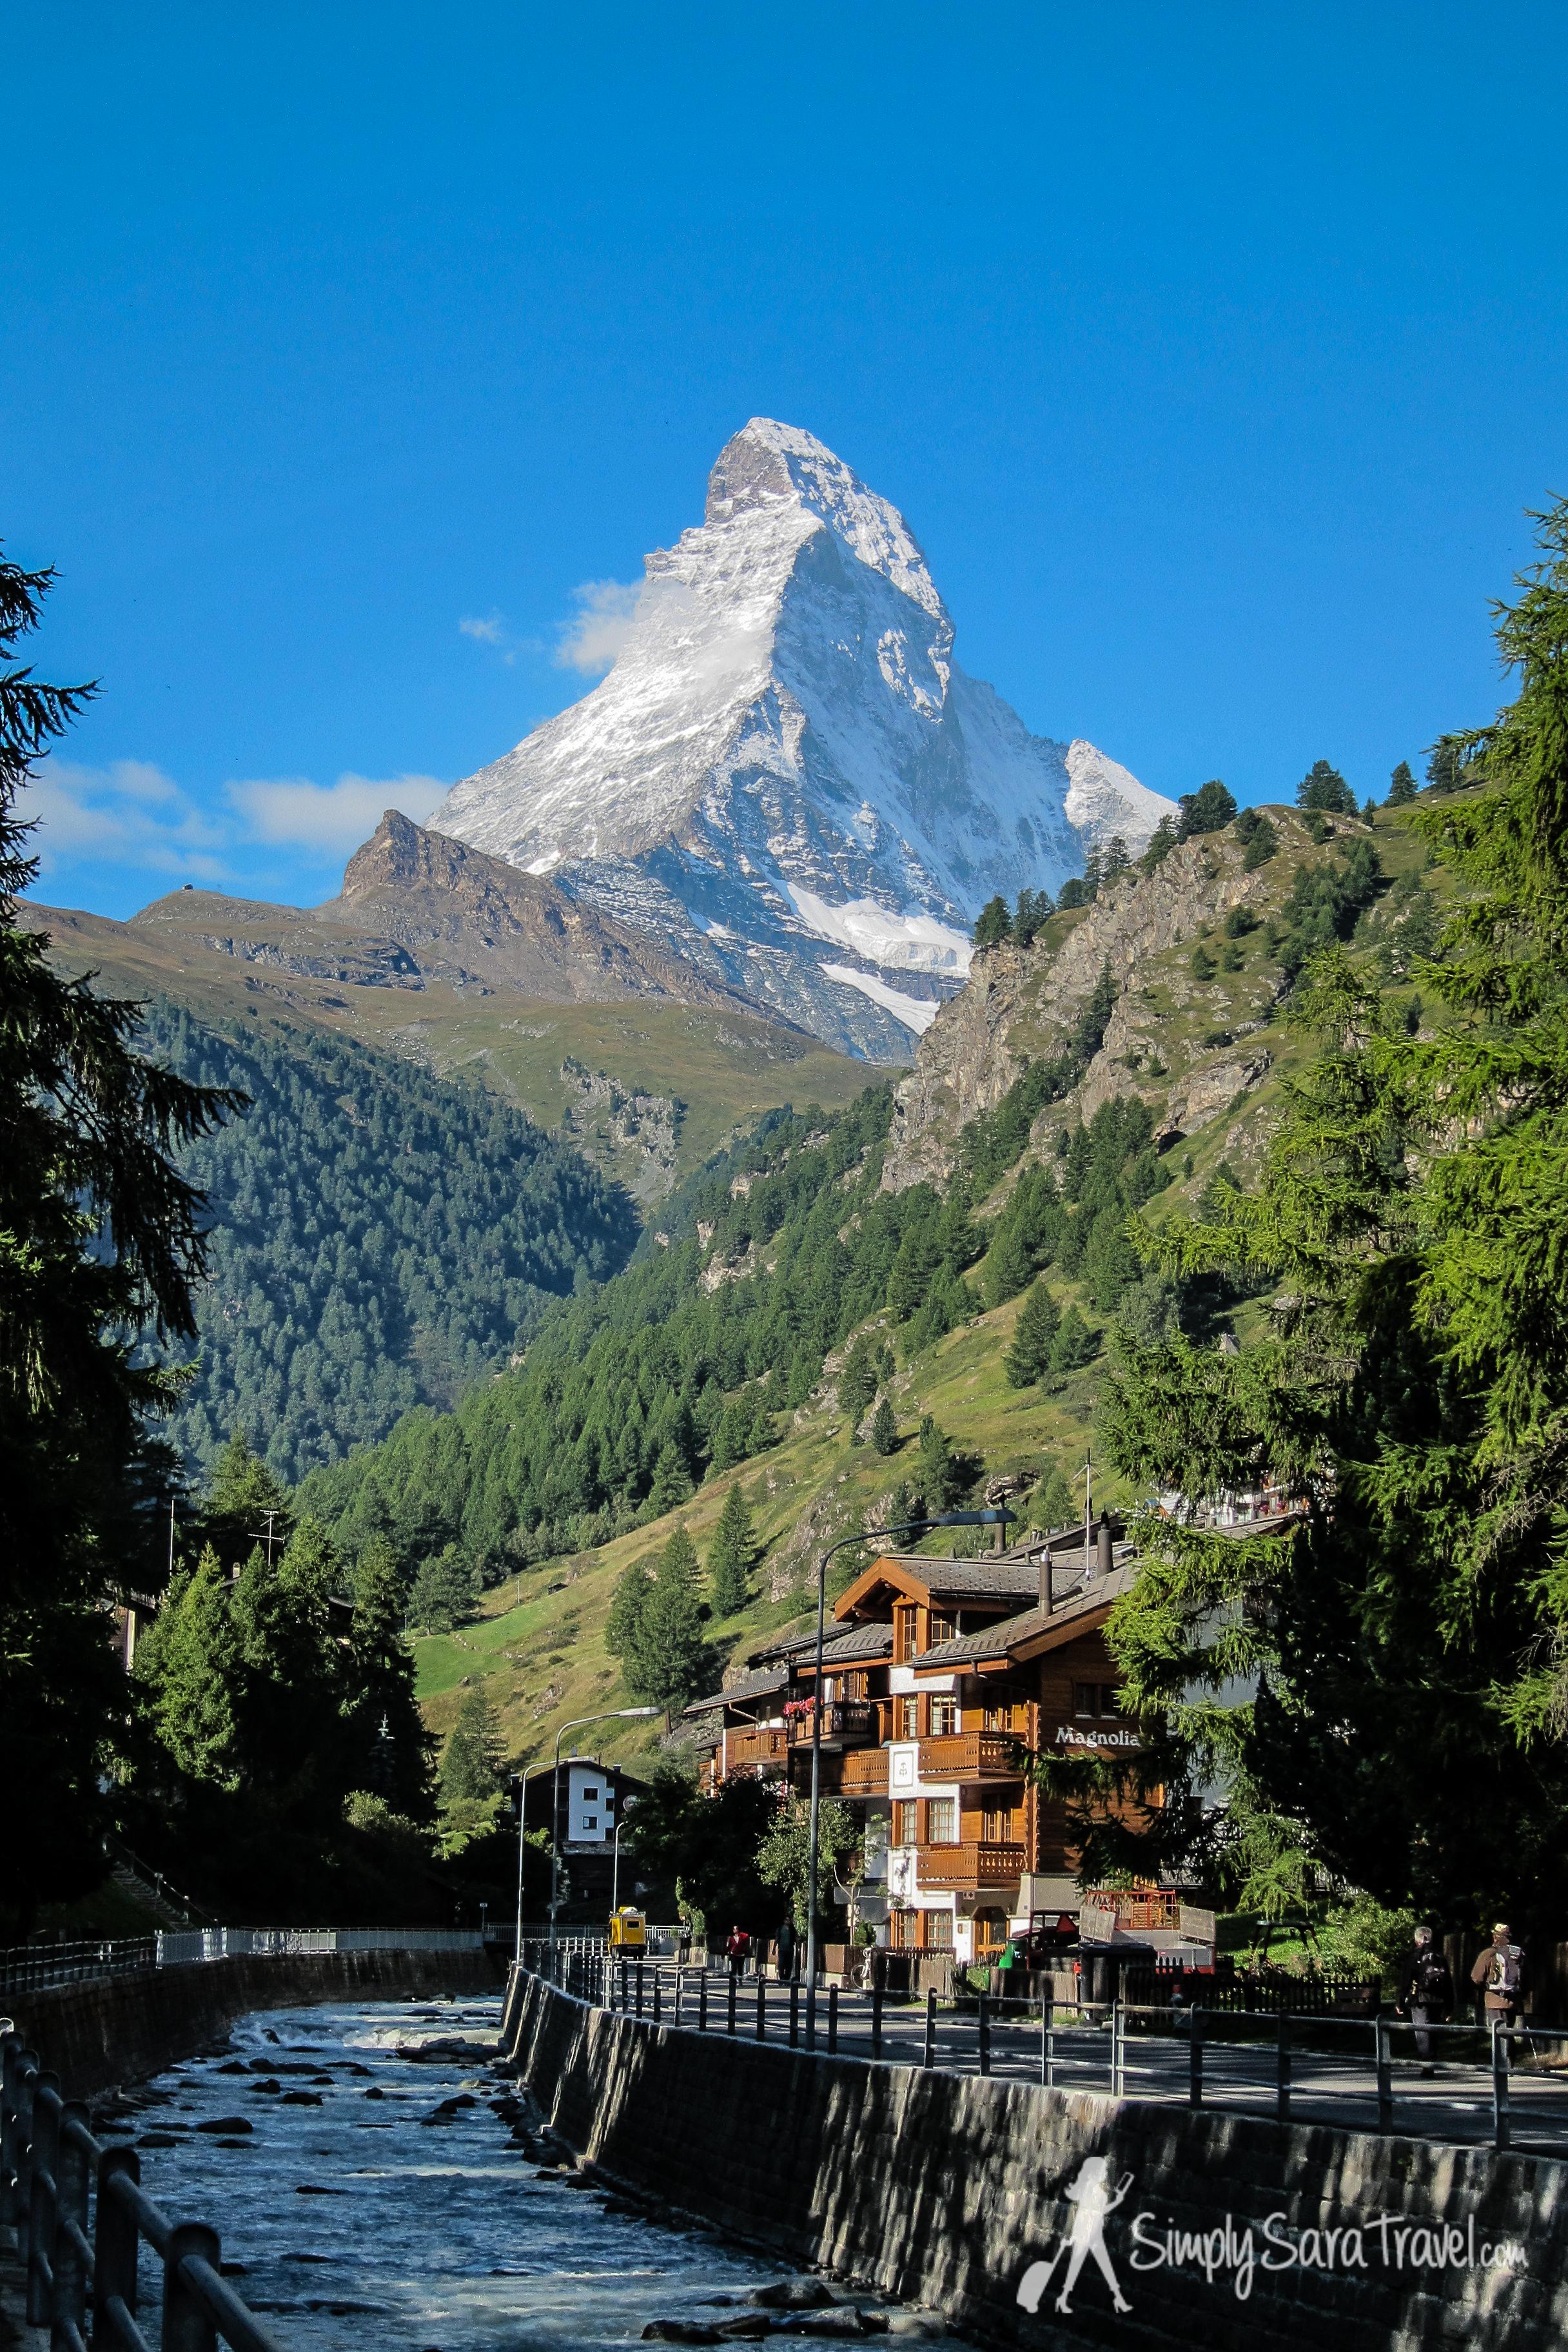 The Matterhorn as seen from  Zermatt, Switzerland